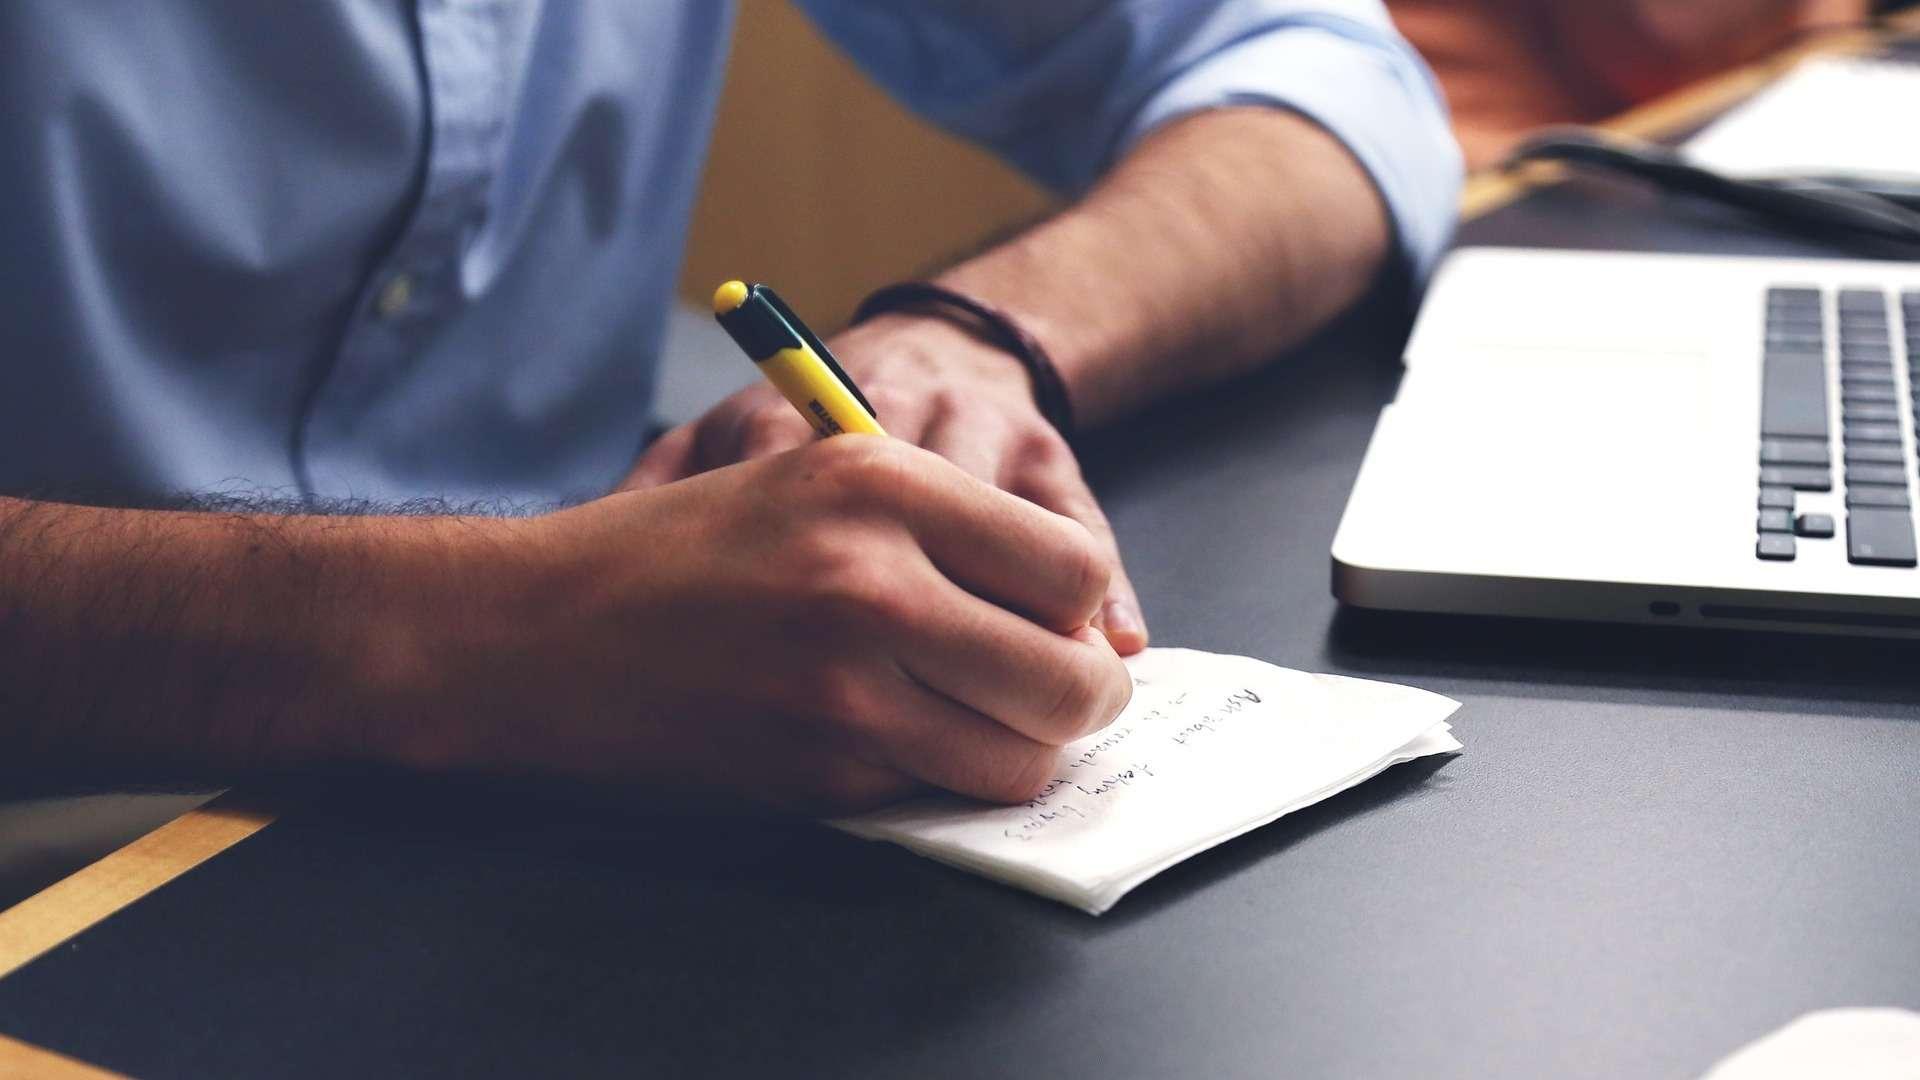 Ein Mann sitzt vor einem Laptop und schreibt auf Zettel, die neben ihm liegen